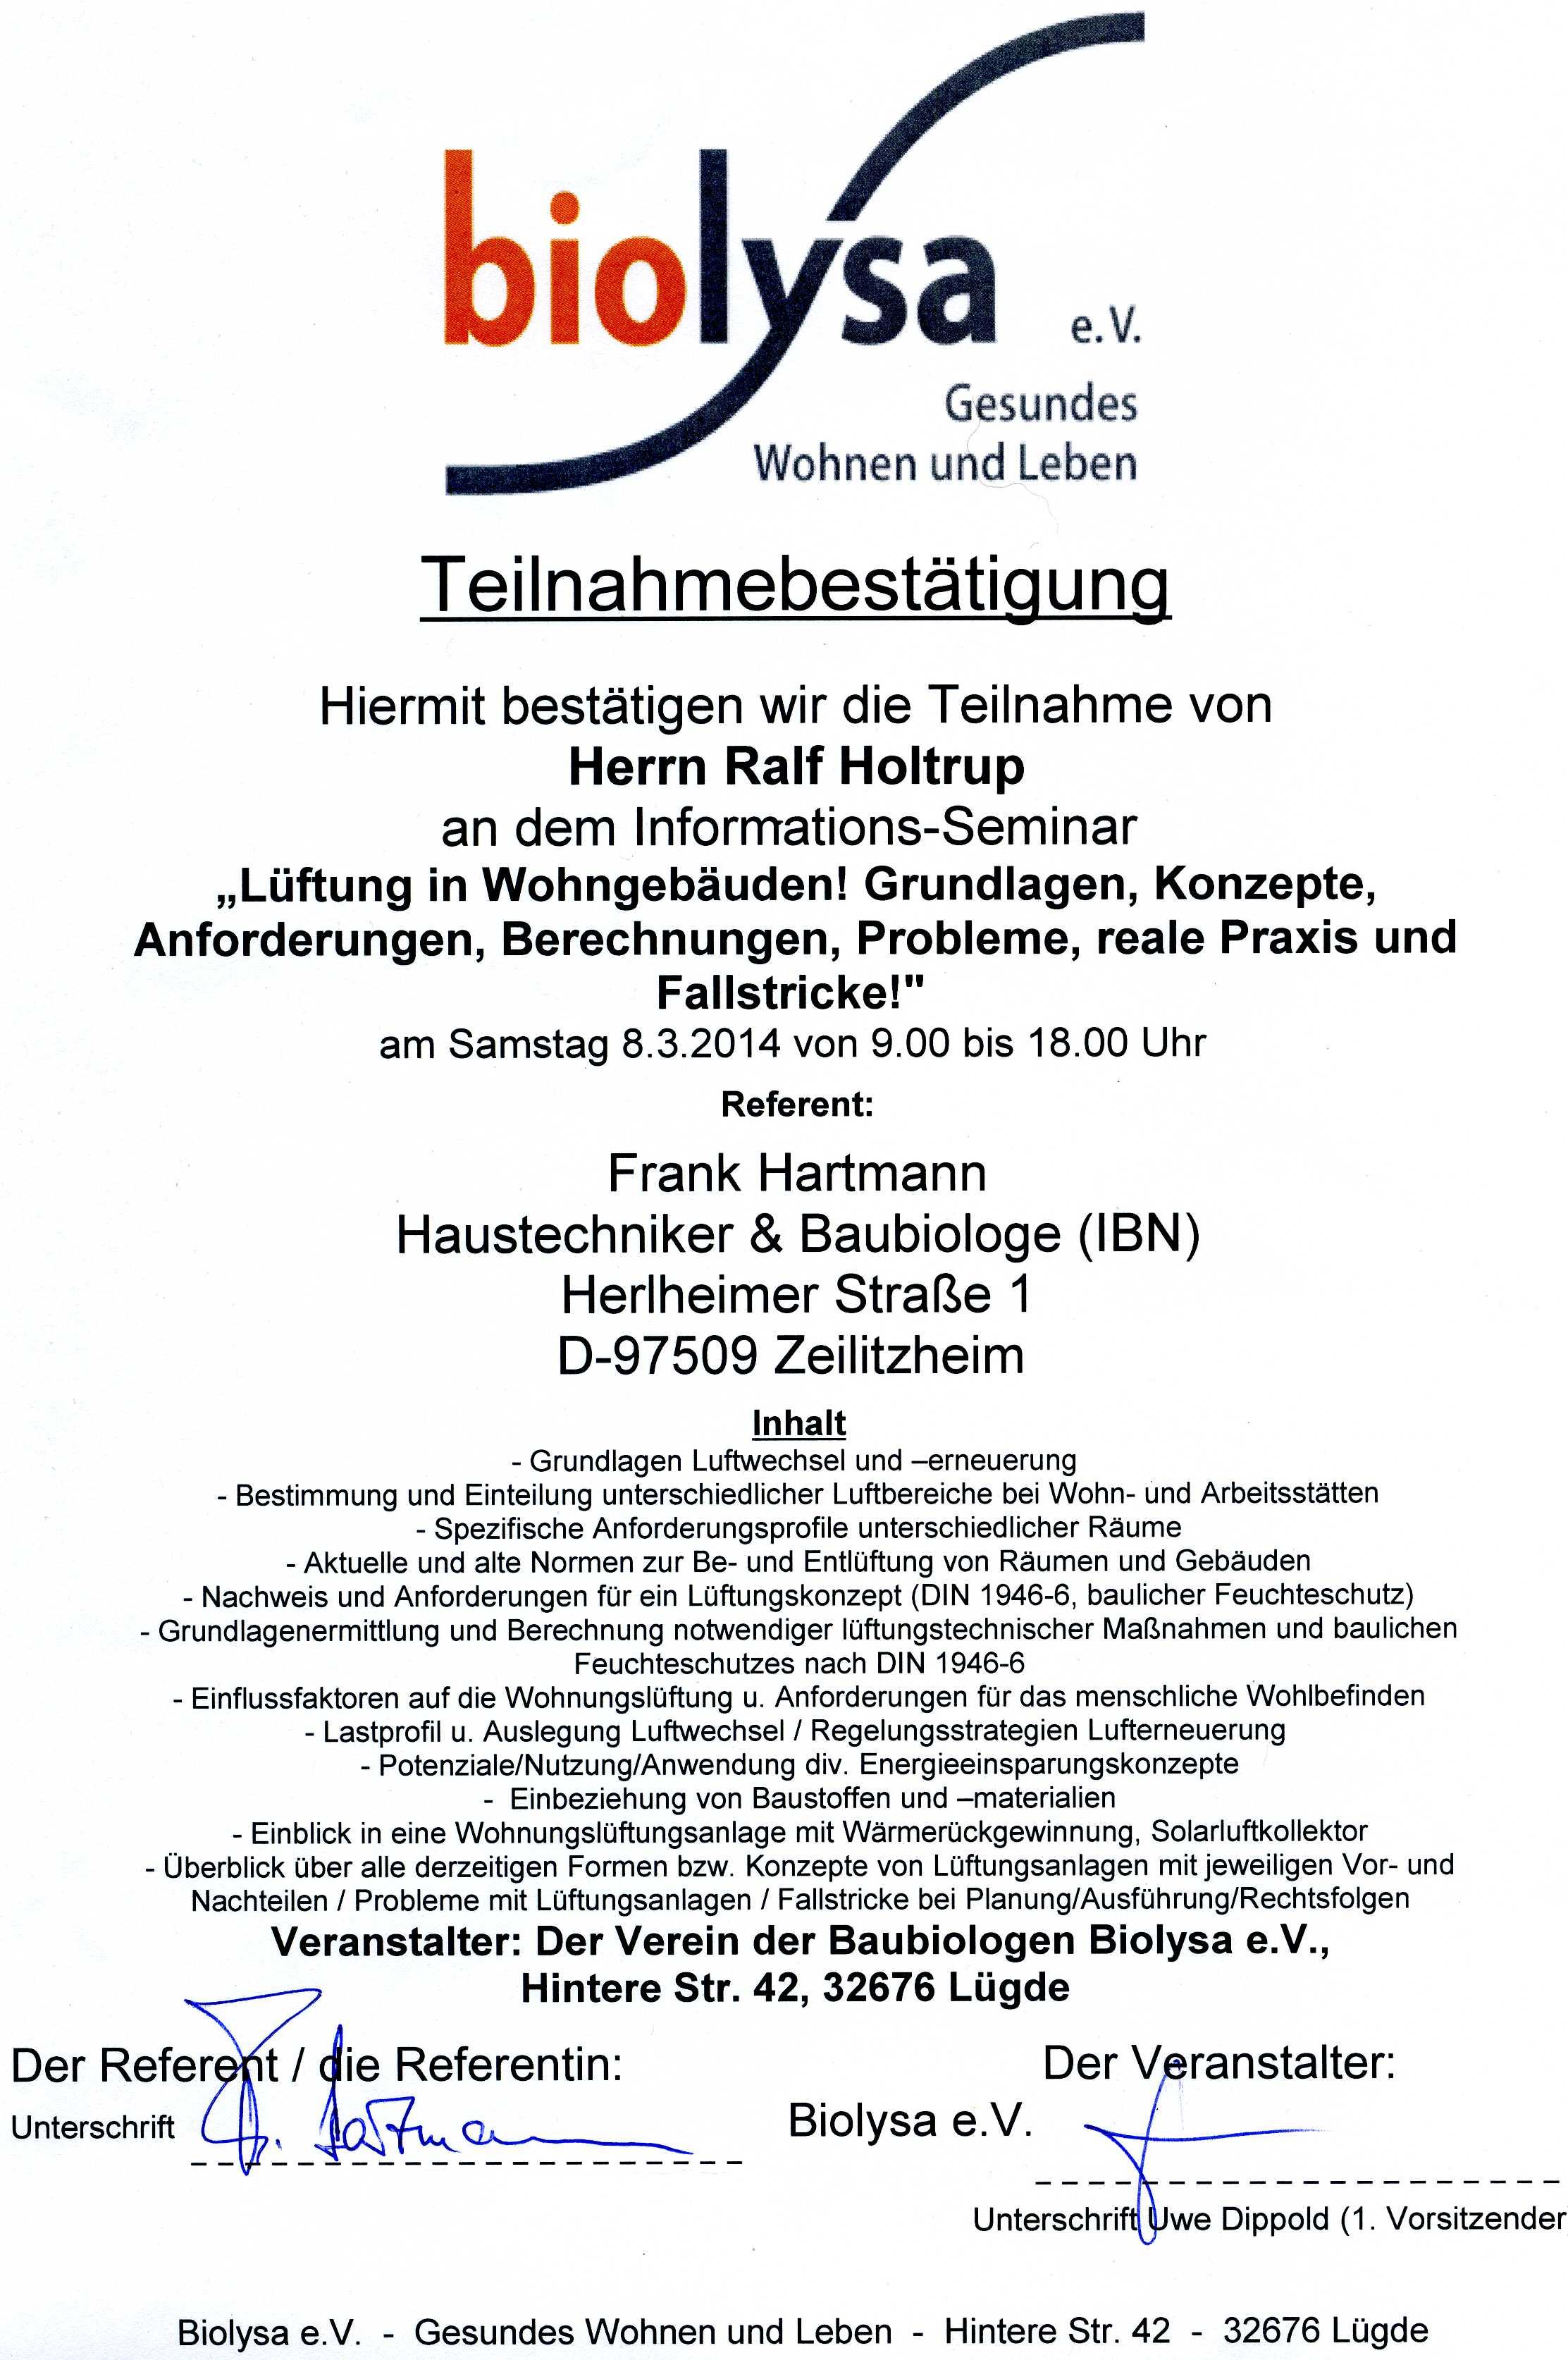 Großzügig Entwurf Von Elektrischen Stromkreisen Für Wohngebäude ...